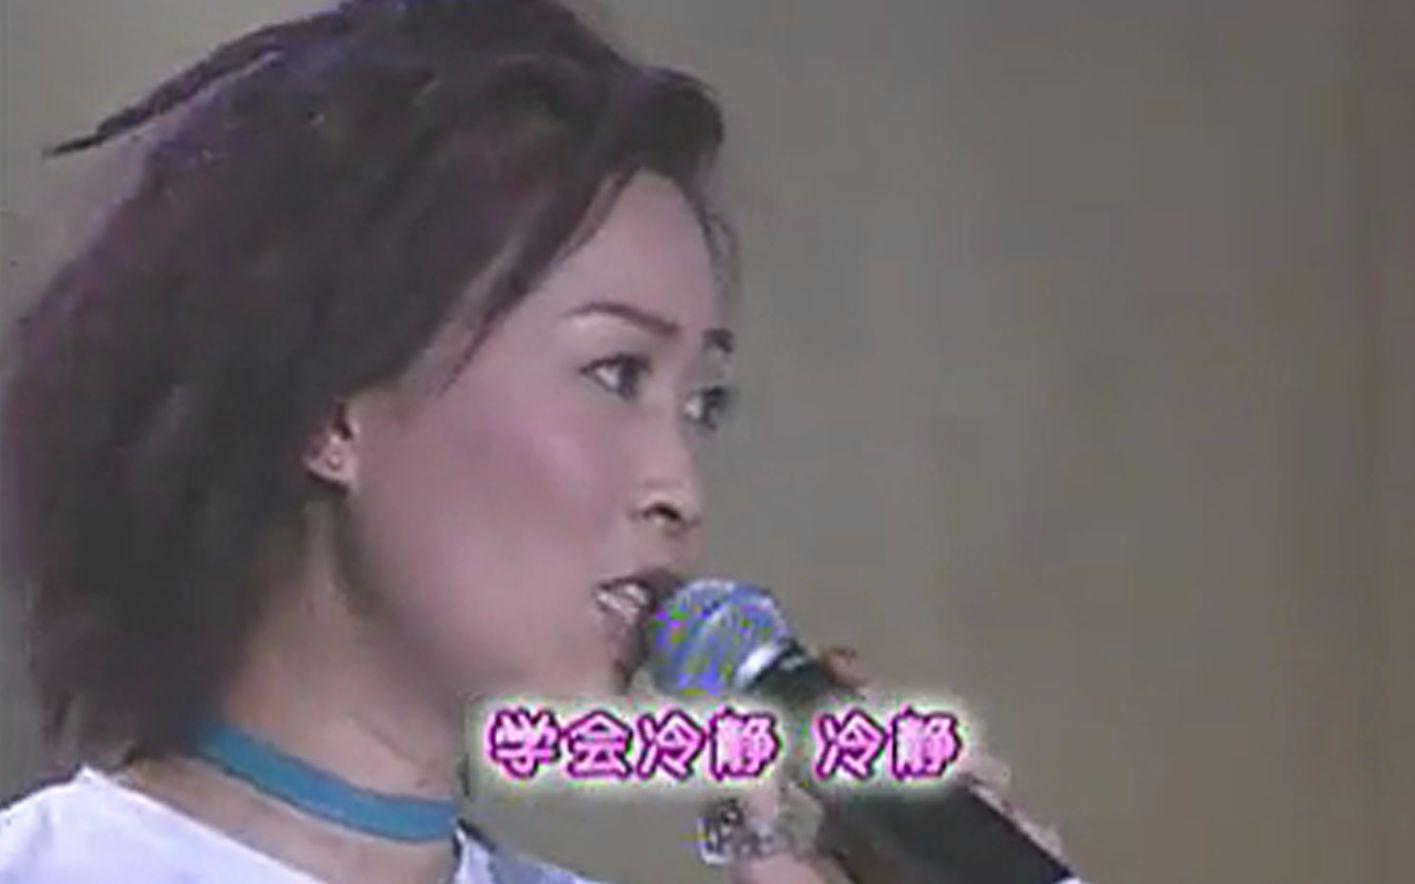 【那英】面對面電視北京演唱會_嗶哩嗶哩 (゜-゜)つロ 干杯~-bilibili